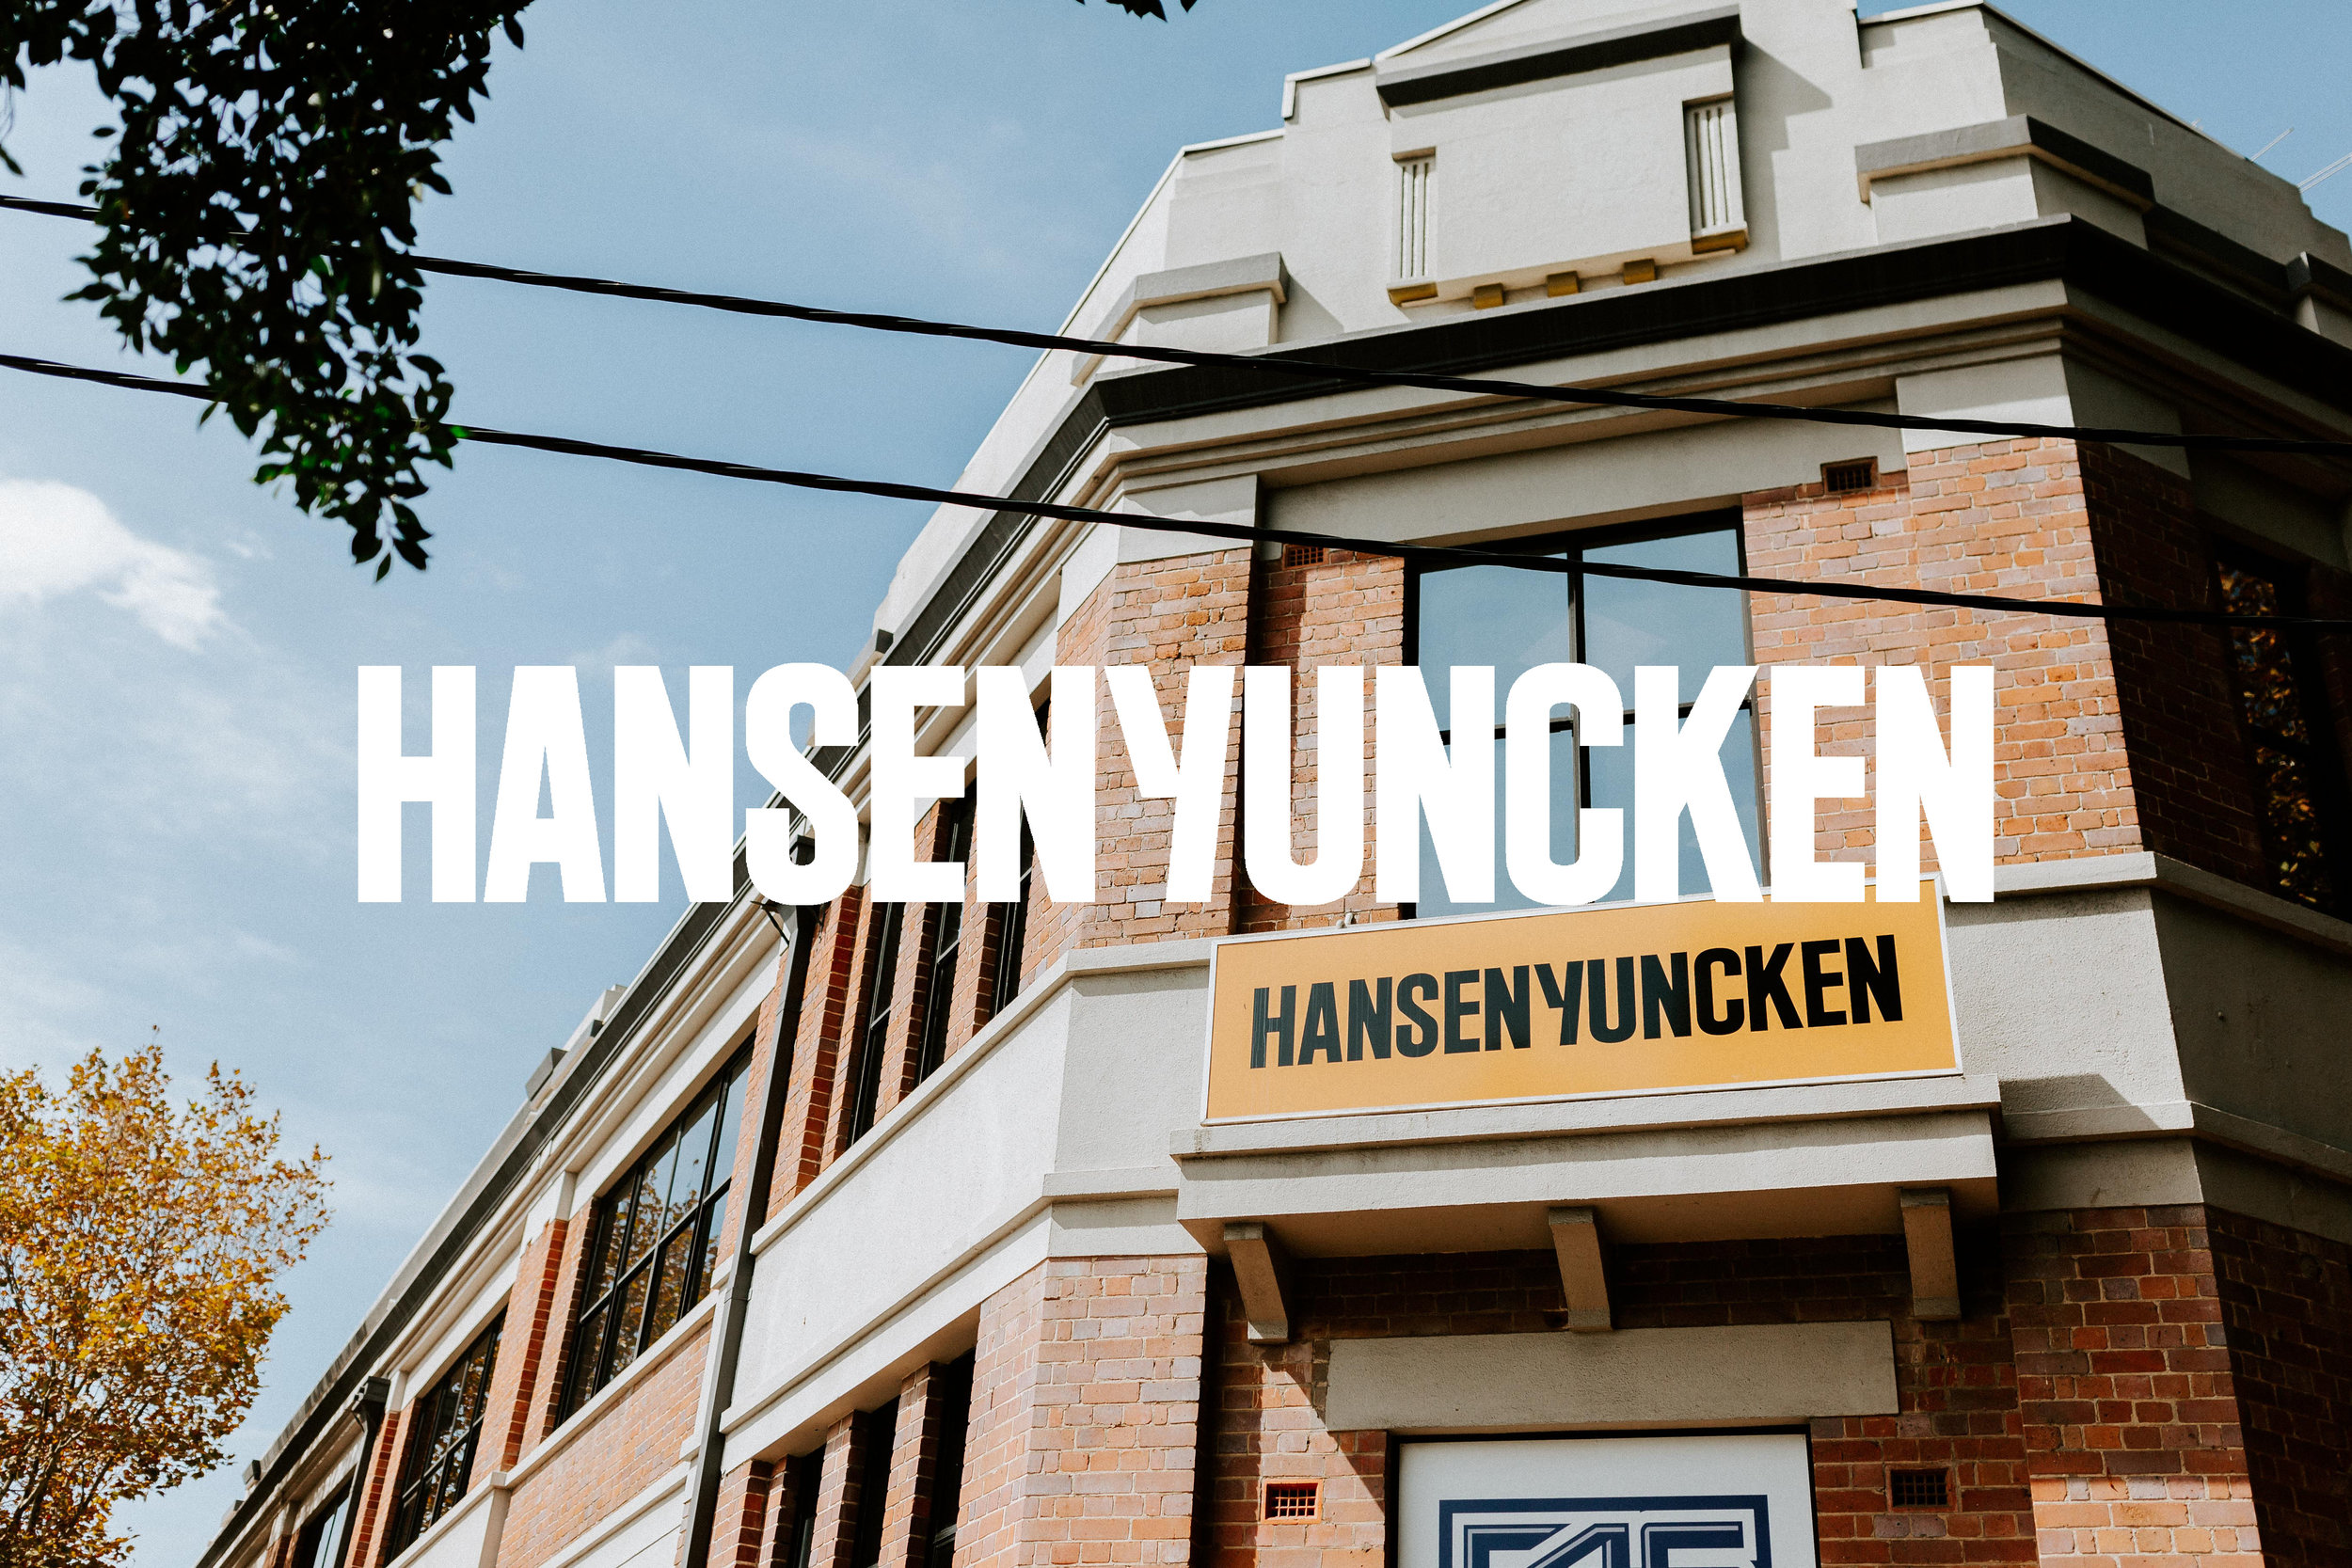 Hansen_Yuncken_Additional_Session_06.03.19-51.jpg